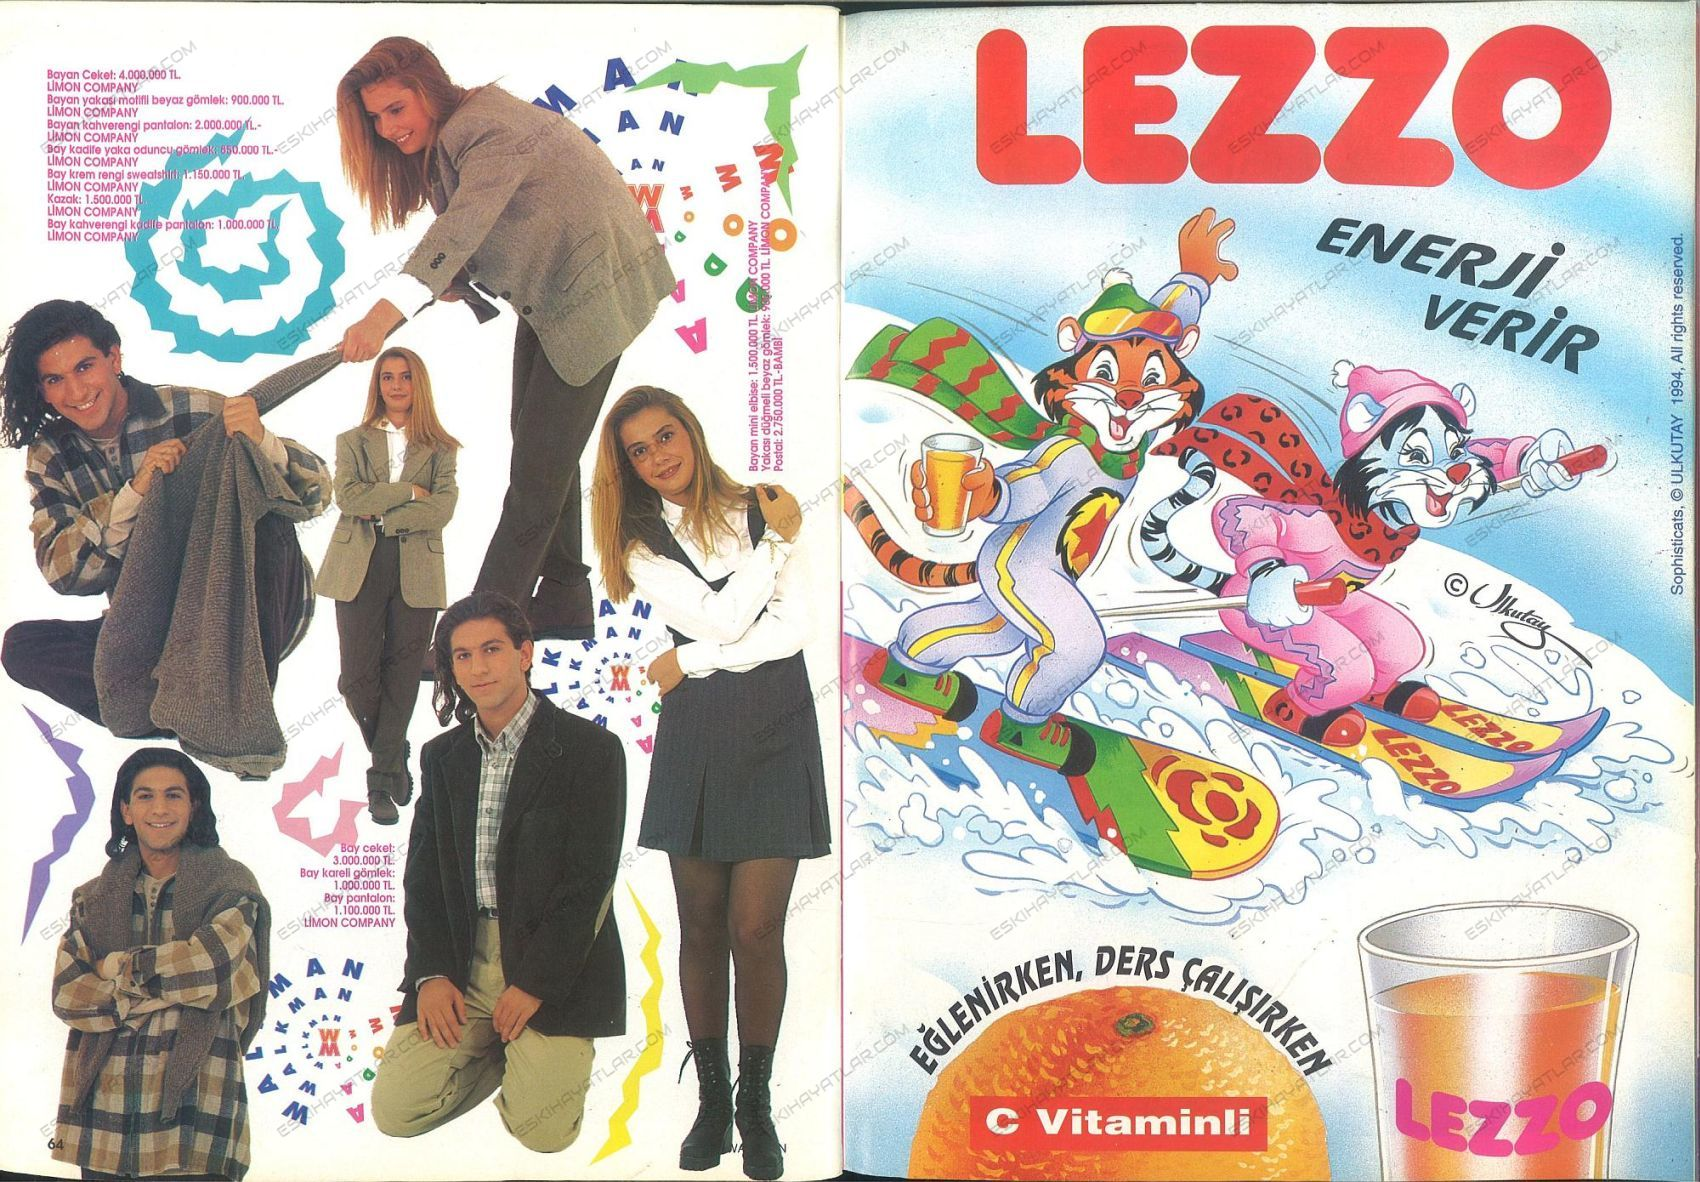 0379-doksanlarda-genc-giyim-lc-waikiki-eski-reklamlari-lezzo-enerji-verir